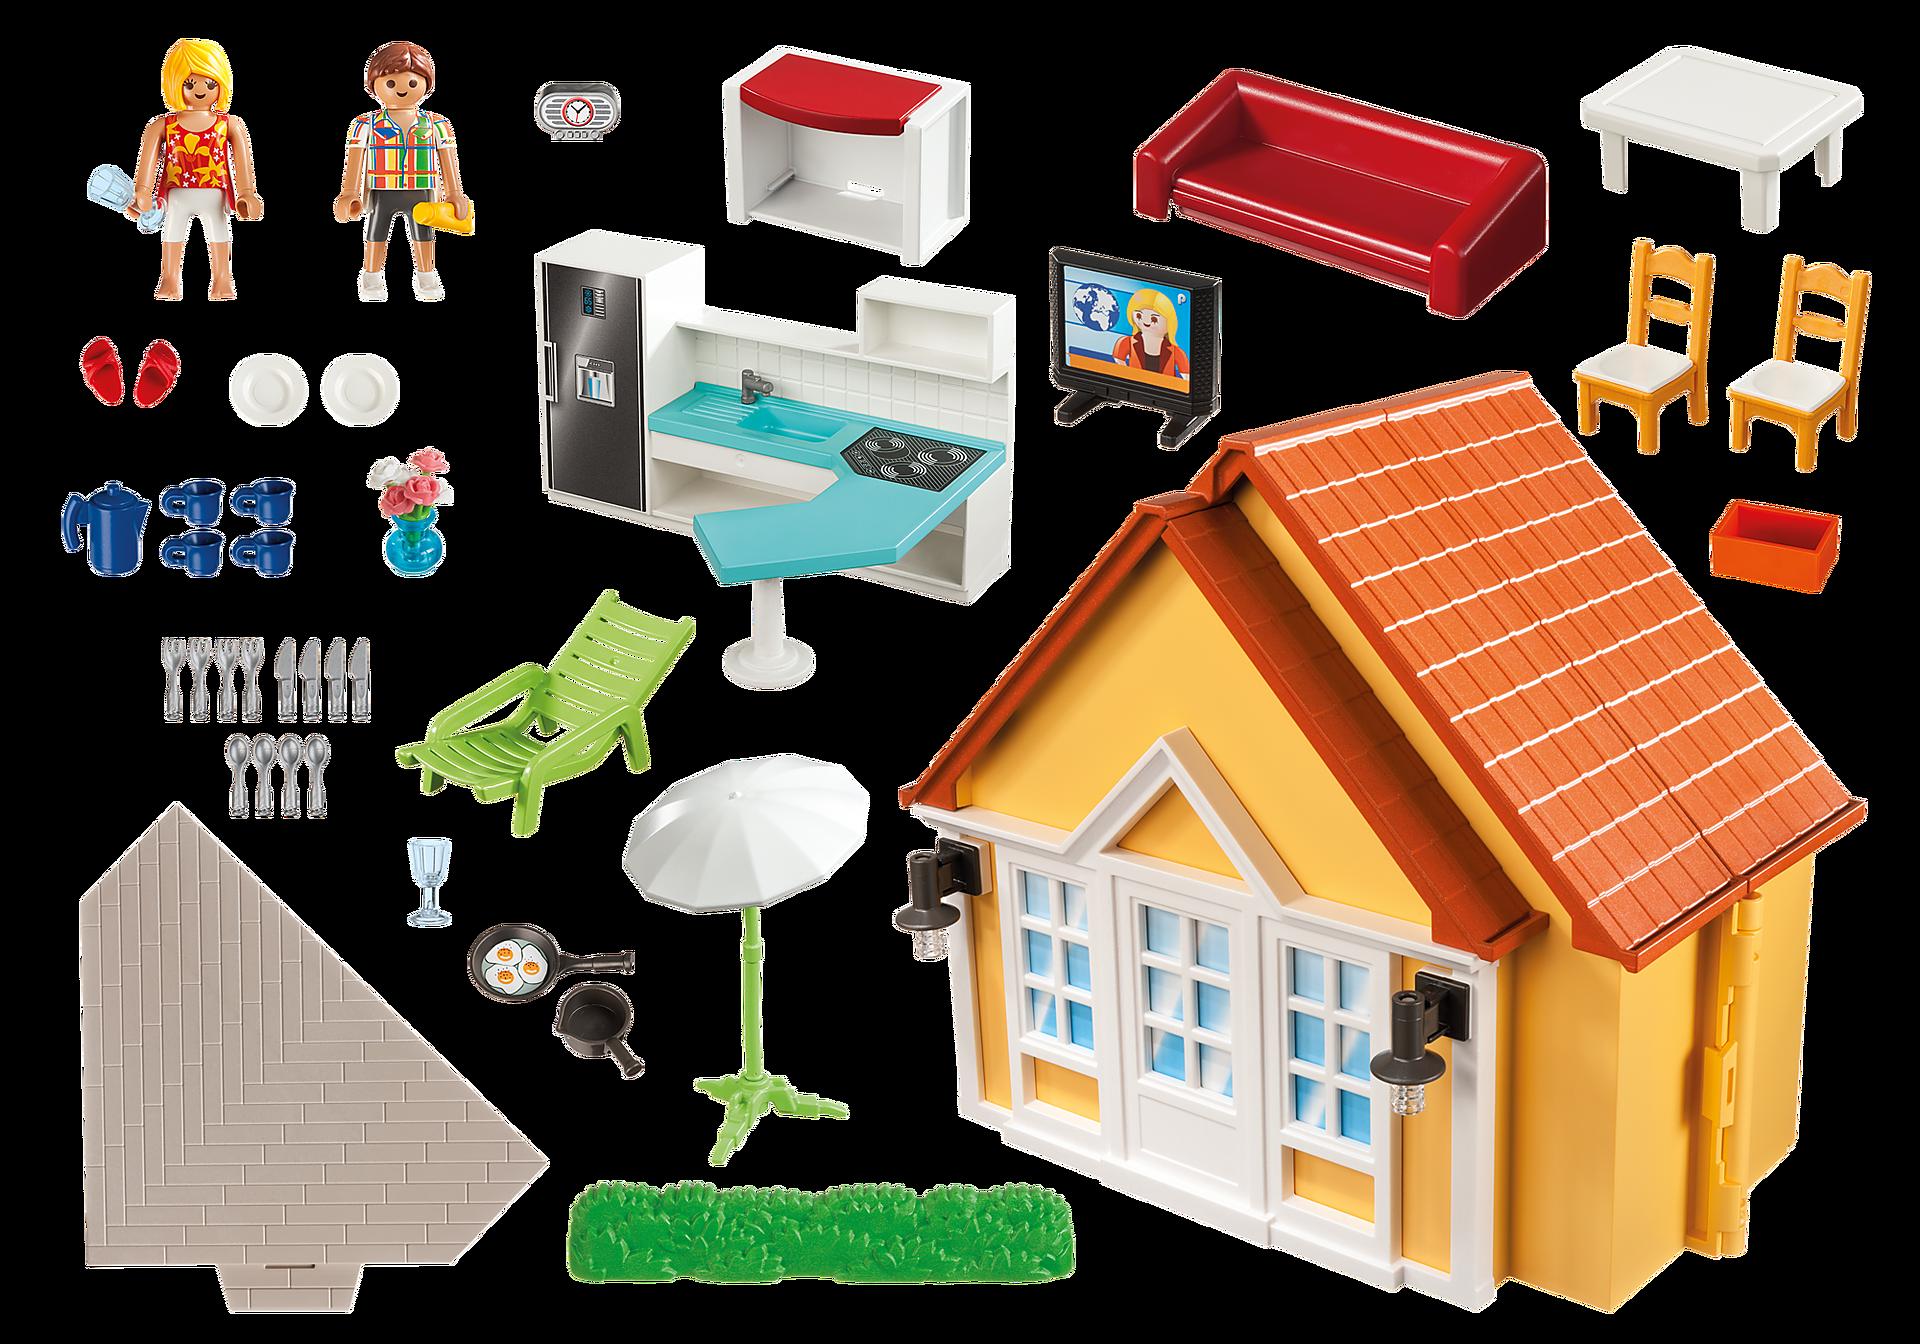 6020 Casa delle vacanze portatile zoom image3